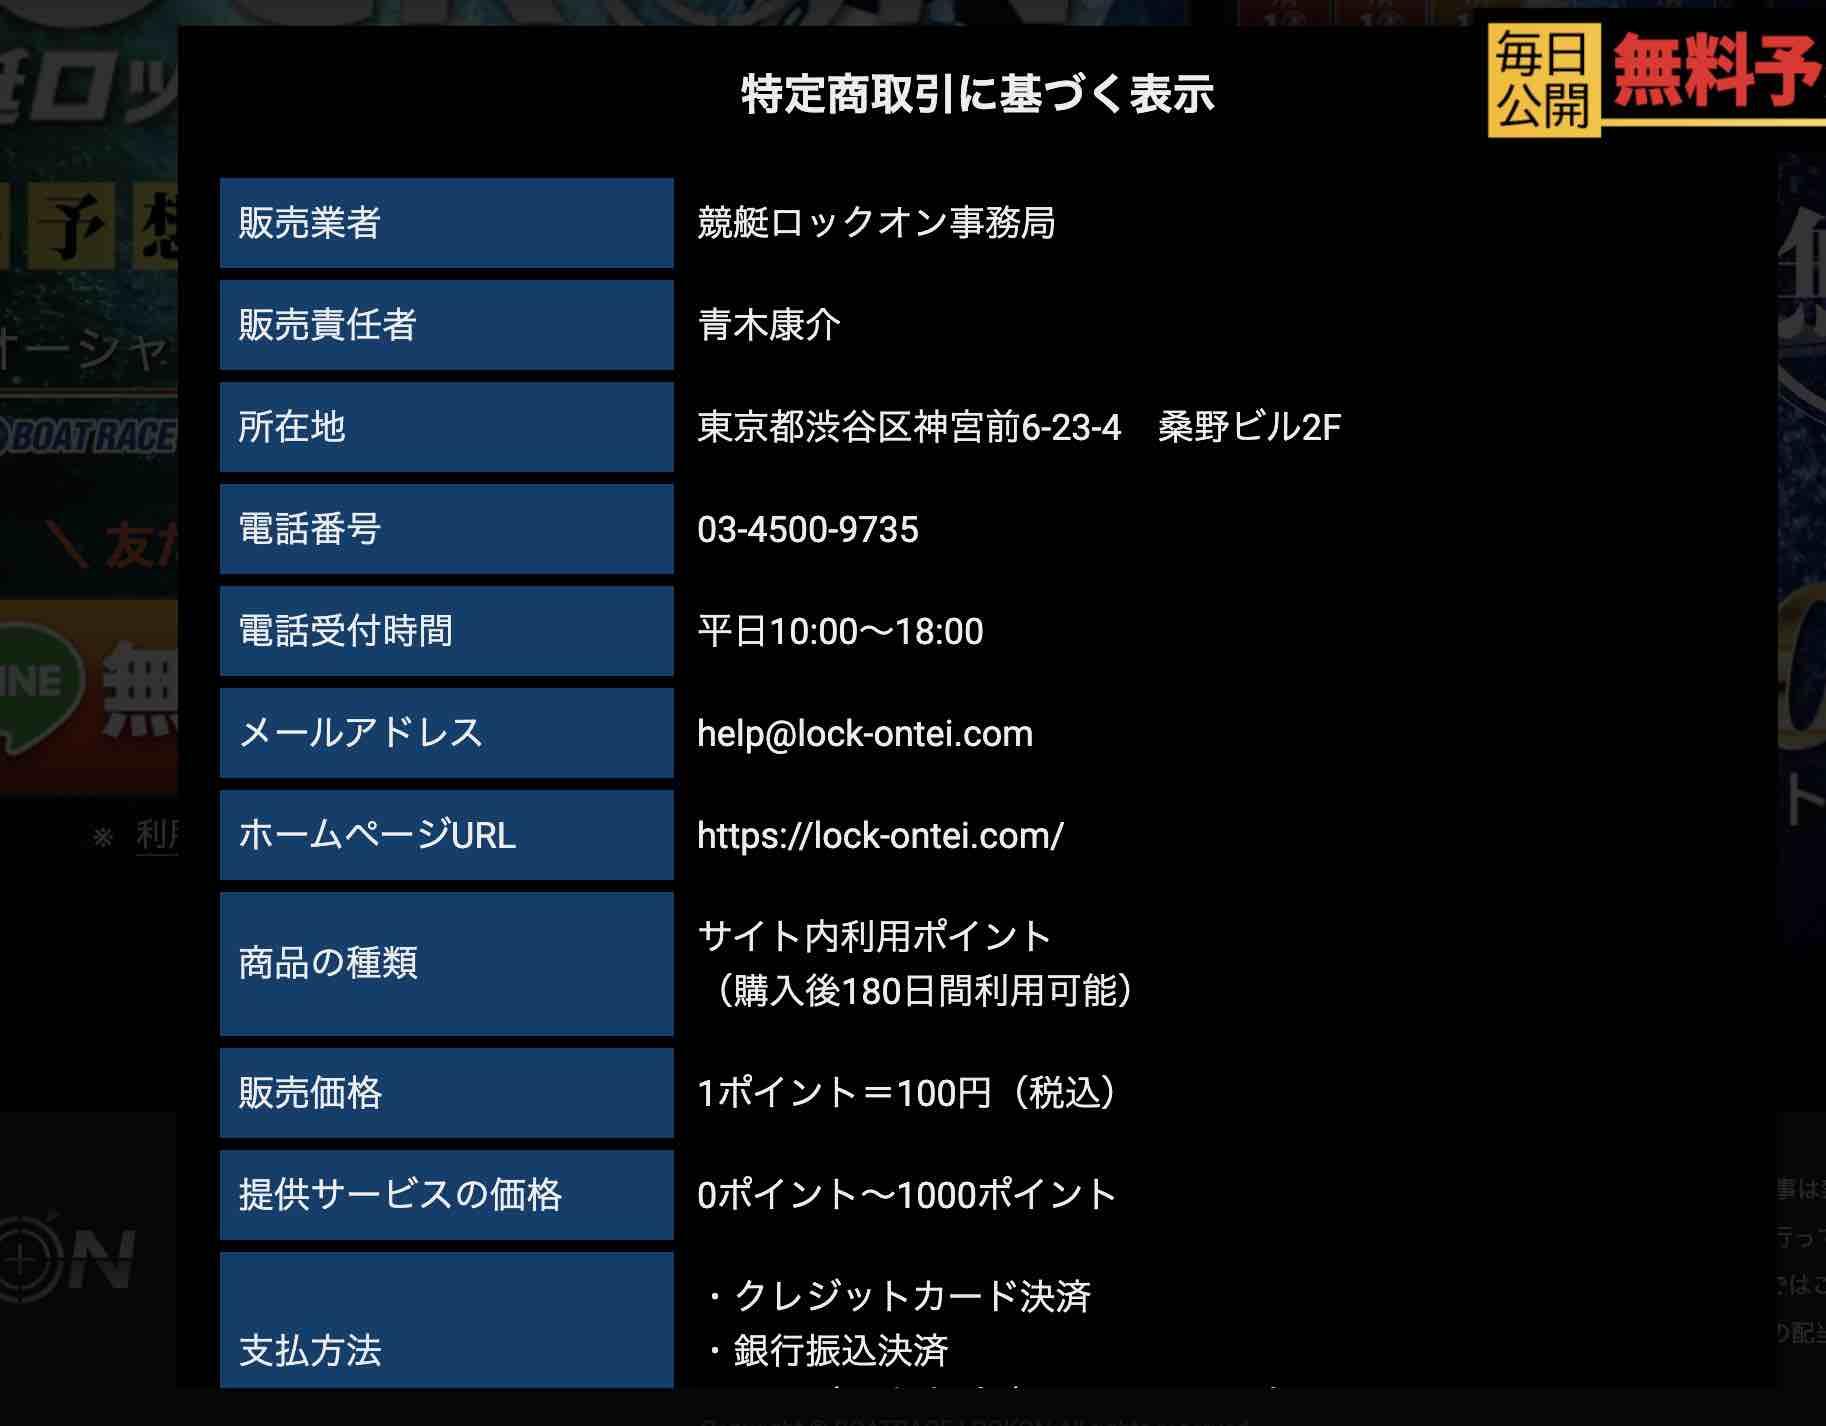 競艇ロックオンという競艇予想サイトの特商法ページ